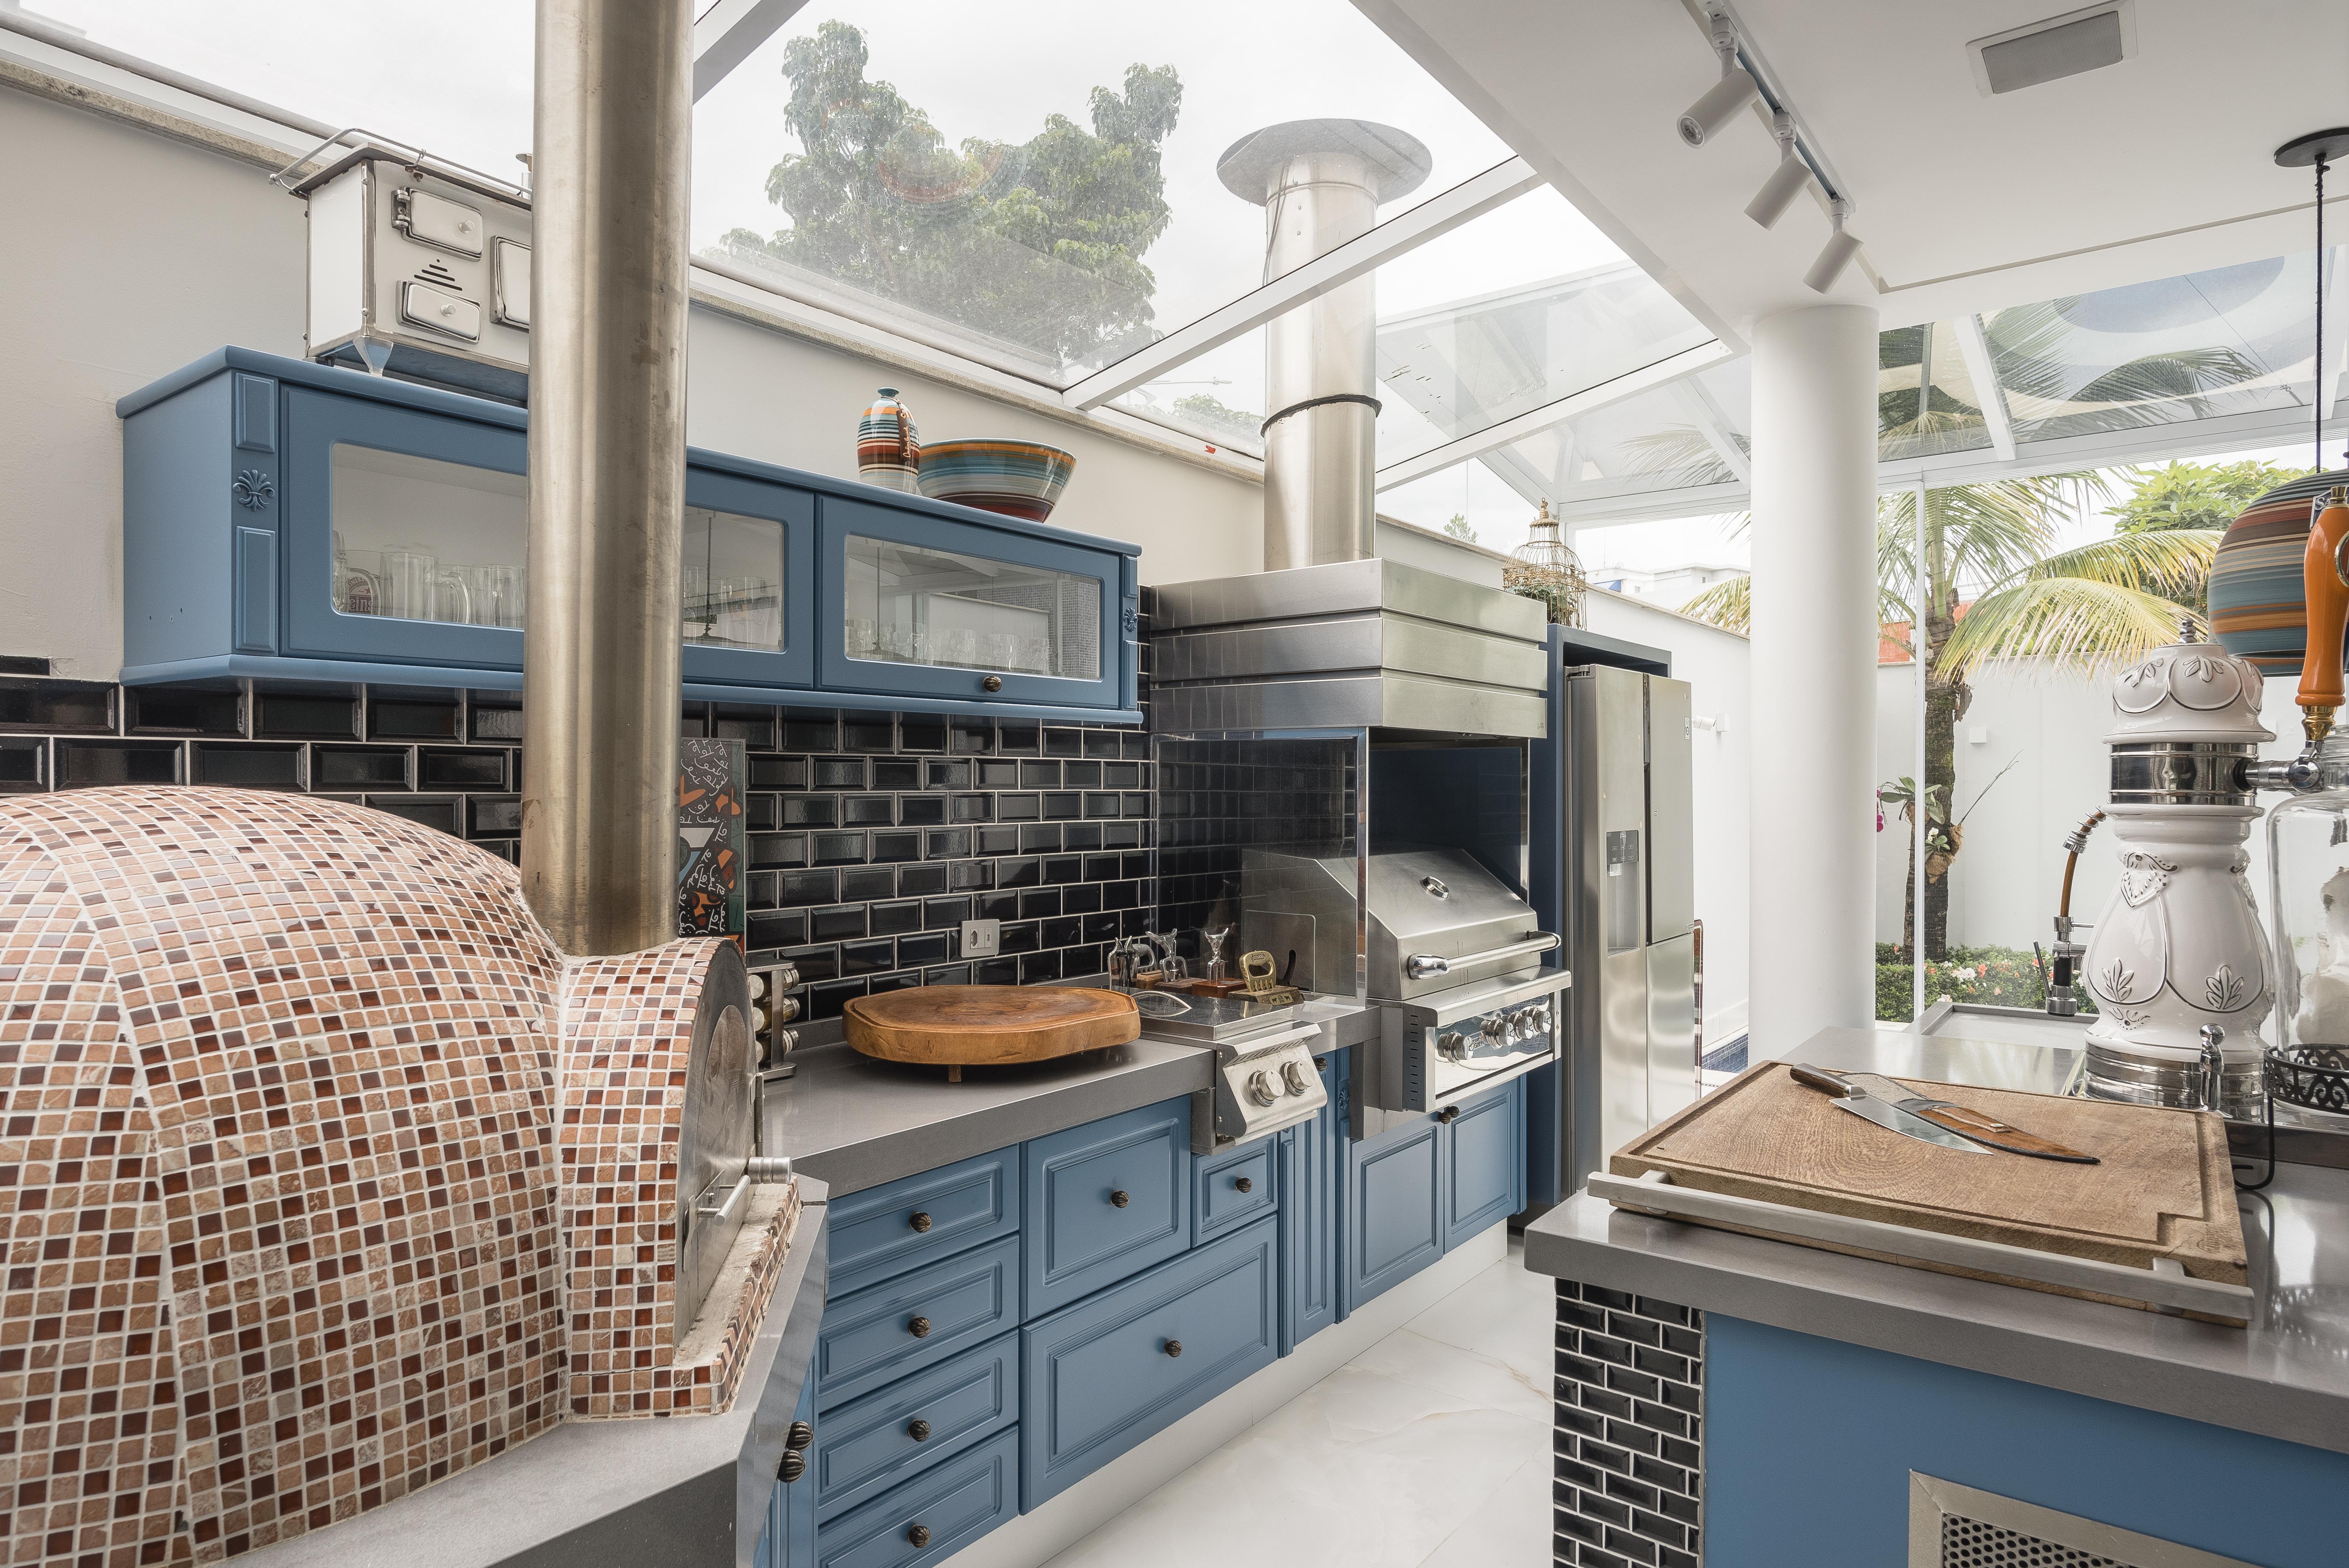 Cozinha com móveis azuis e forno com ladrilhos aparecem na imagem.